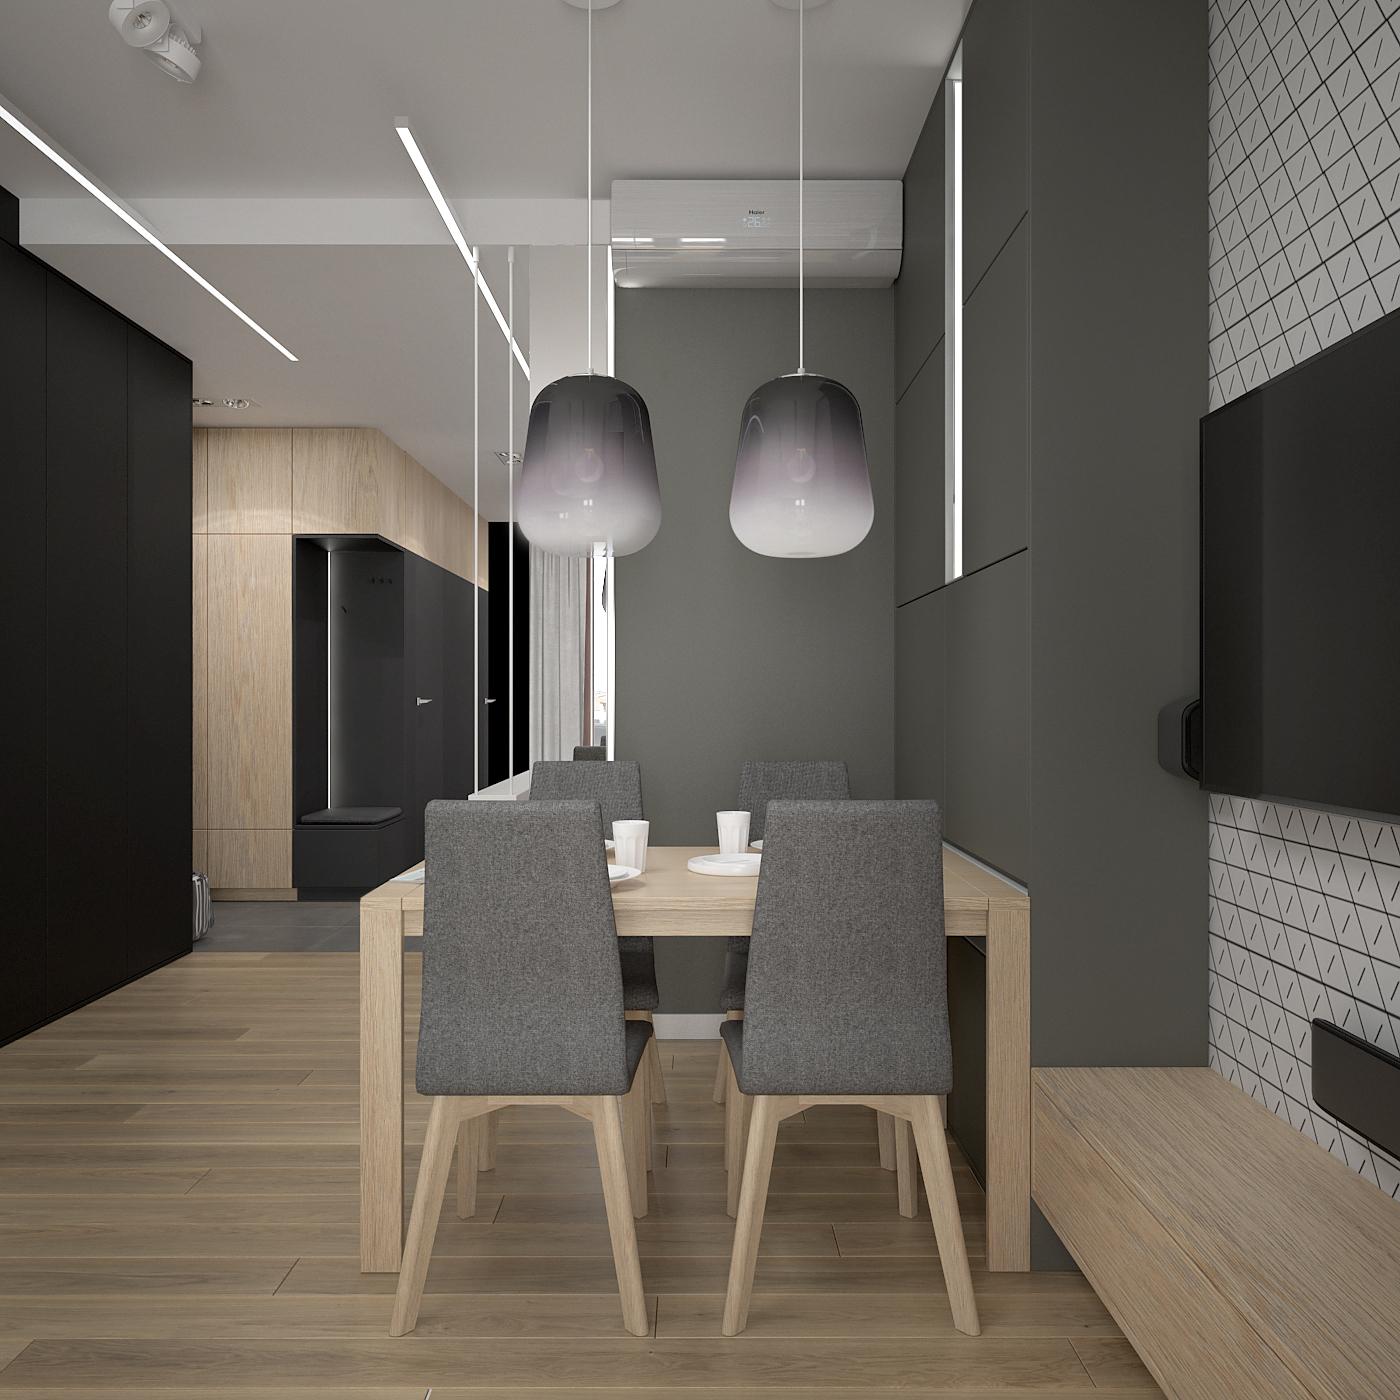 4 projekt wnetrza 537 mieszkanie krakow salon z jadalnia maly drewniany stol tapicerowane szare krzesla dwie lampy nad stolem